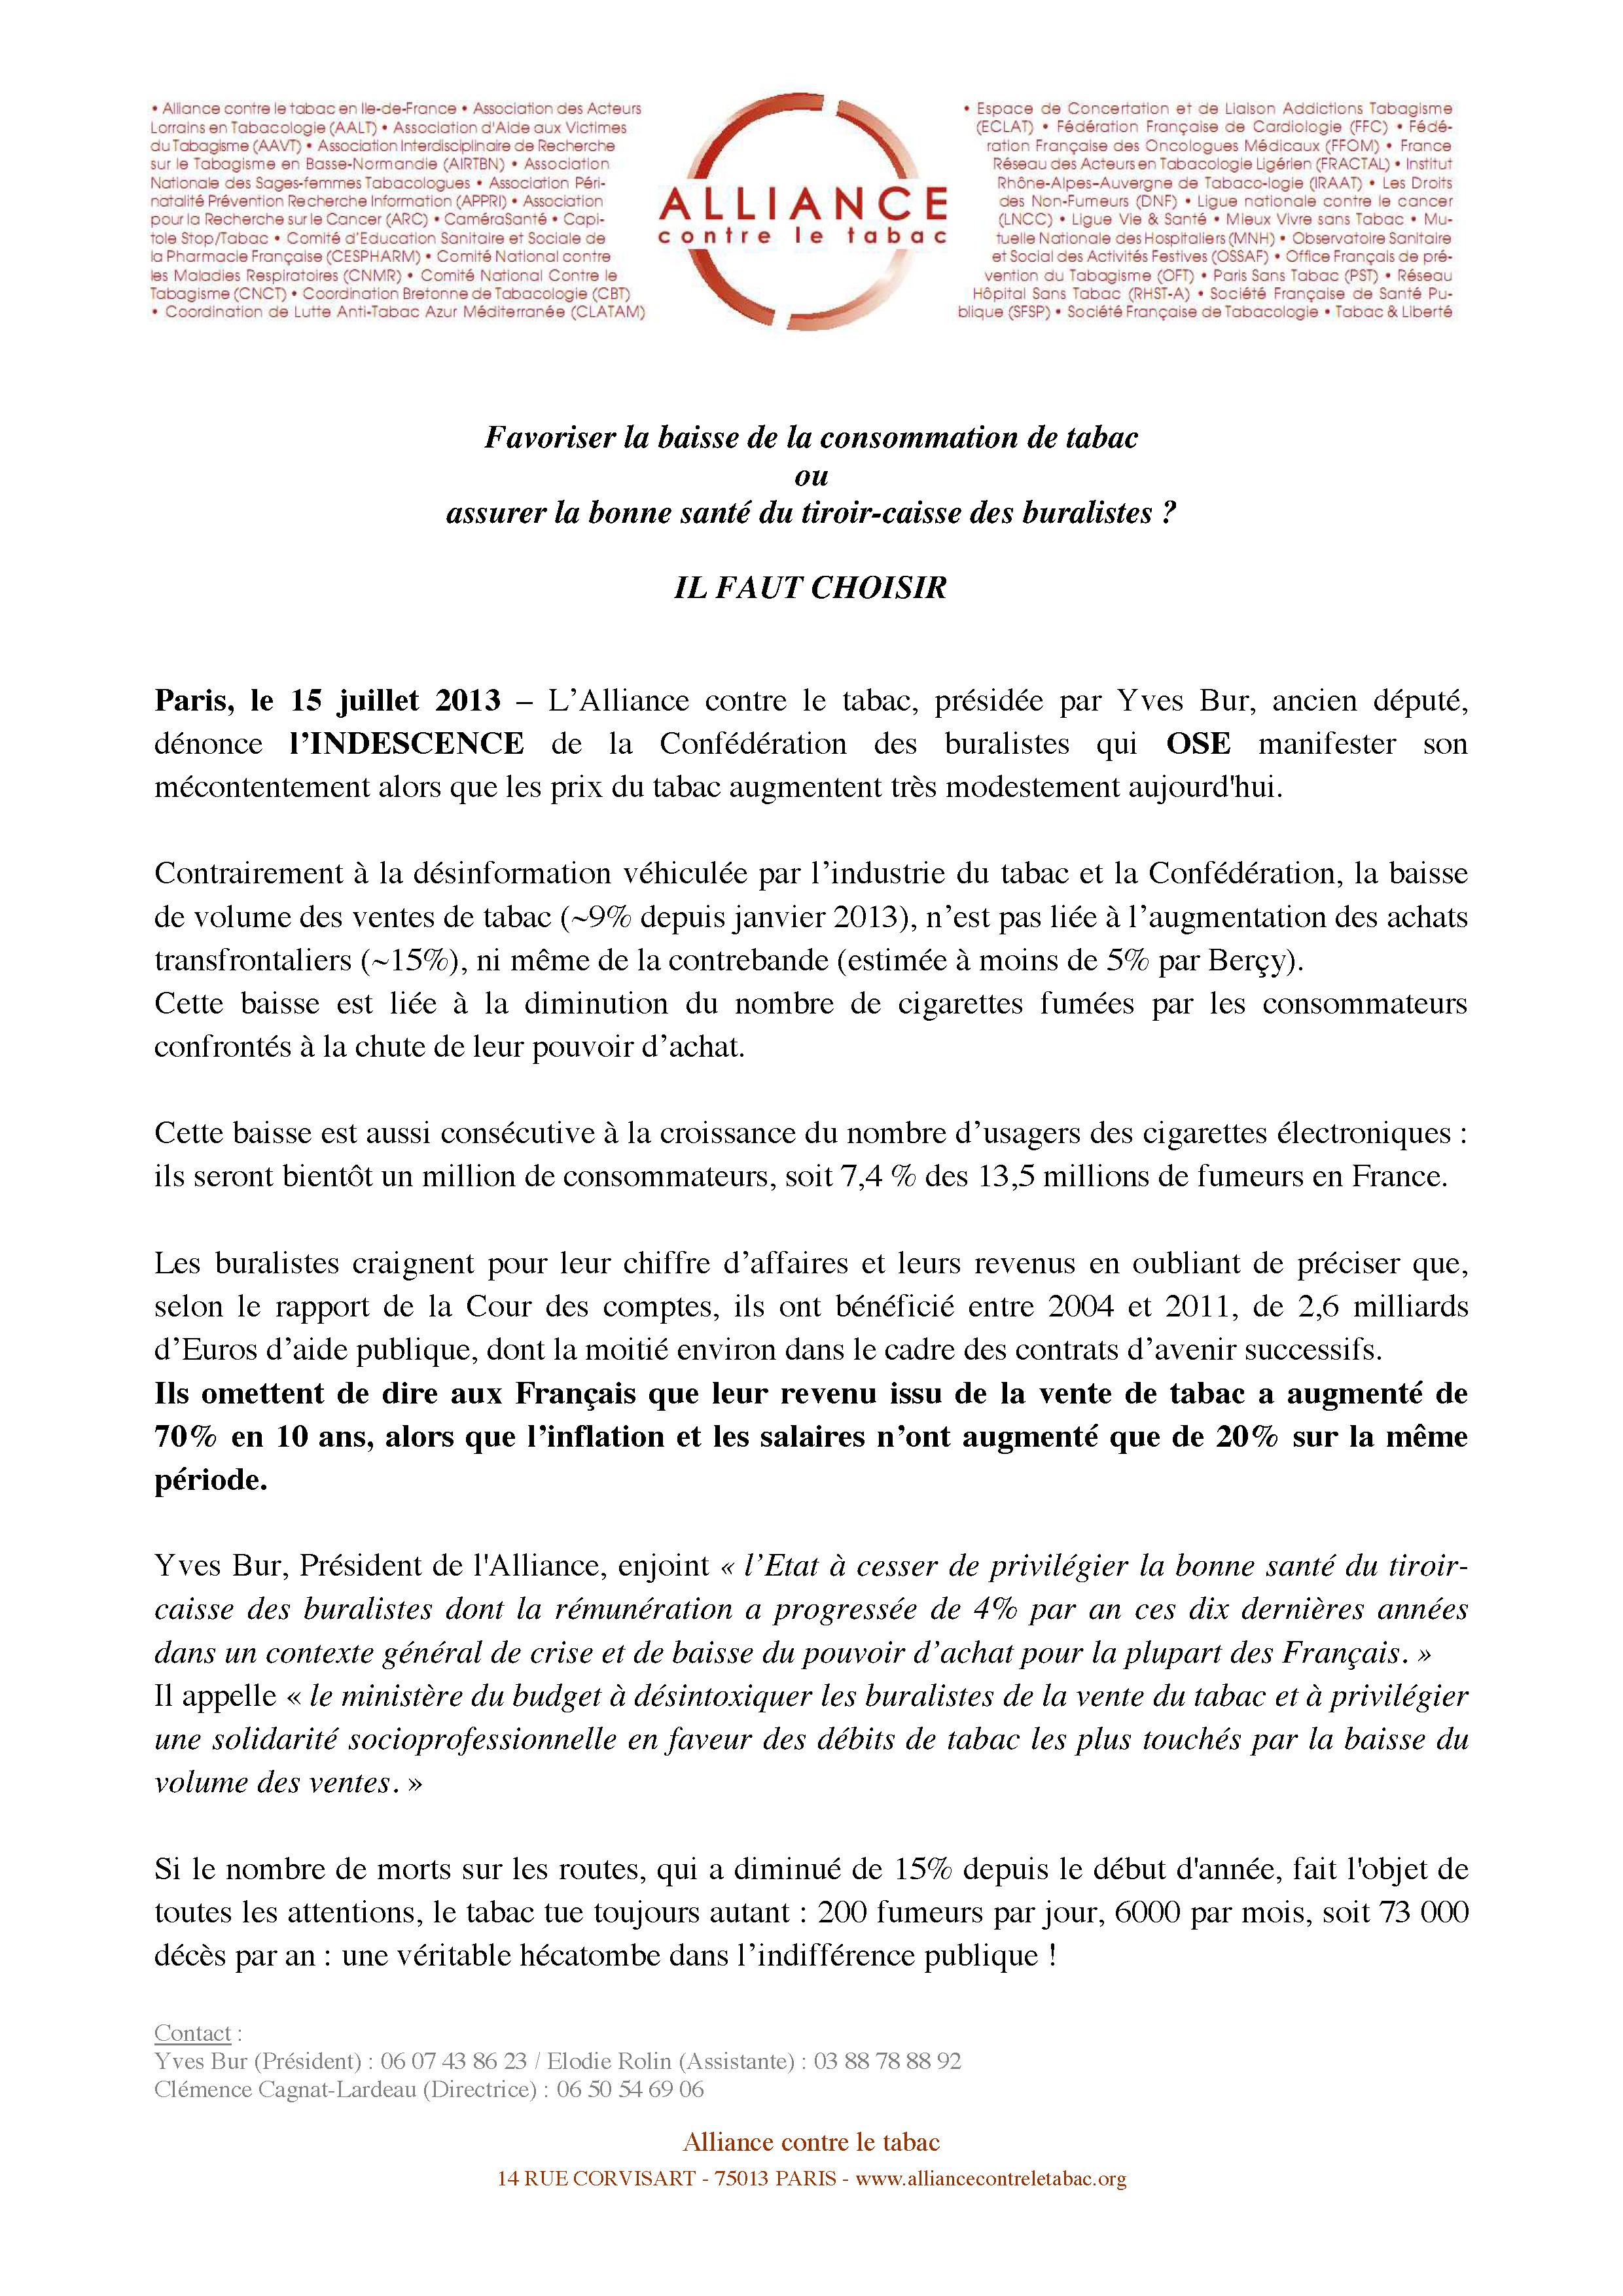 Alliance-CP_proteger-le-tiroir-caisse-des-buralistes-ou-favoriser-la-baisse-de-la-consommation-de tabac-il-faut-choisir-15juil2013_Page_1.jpg